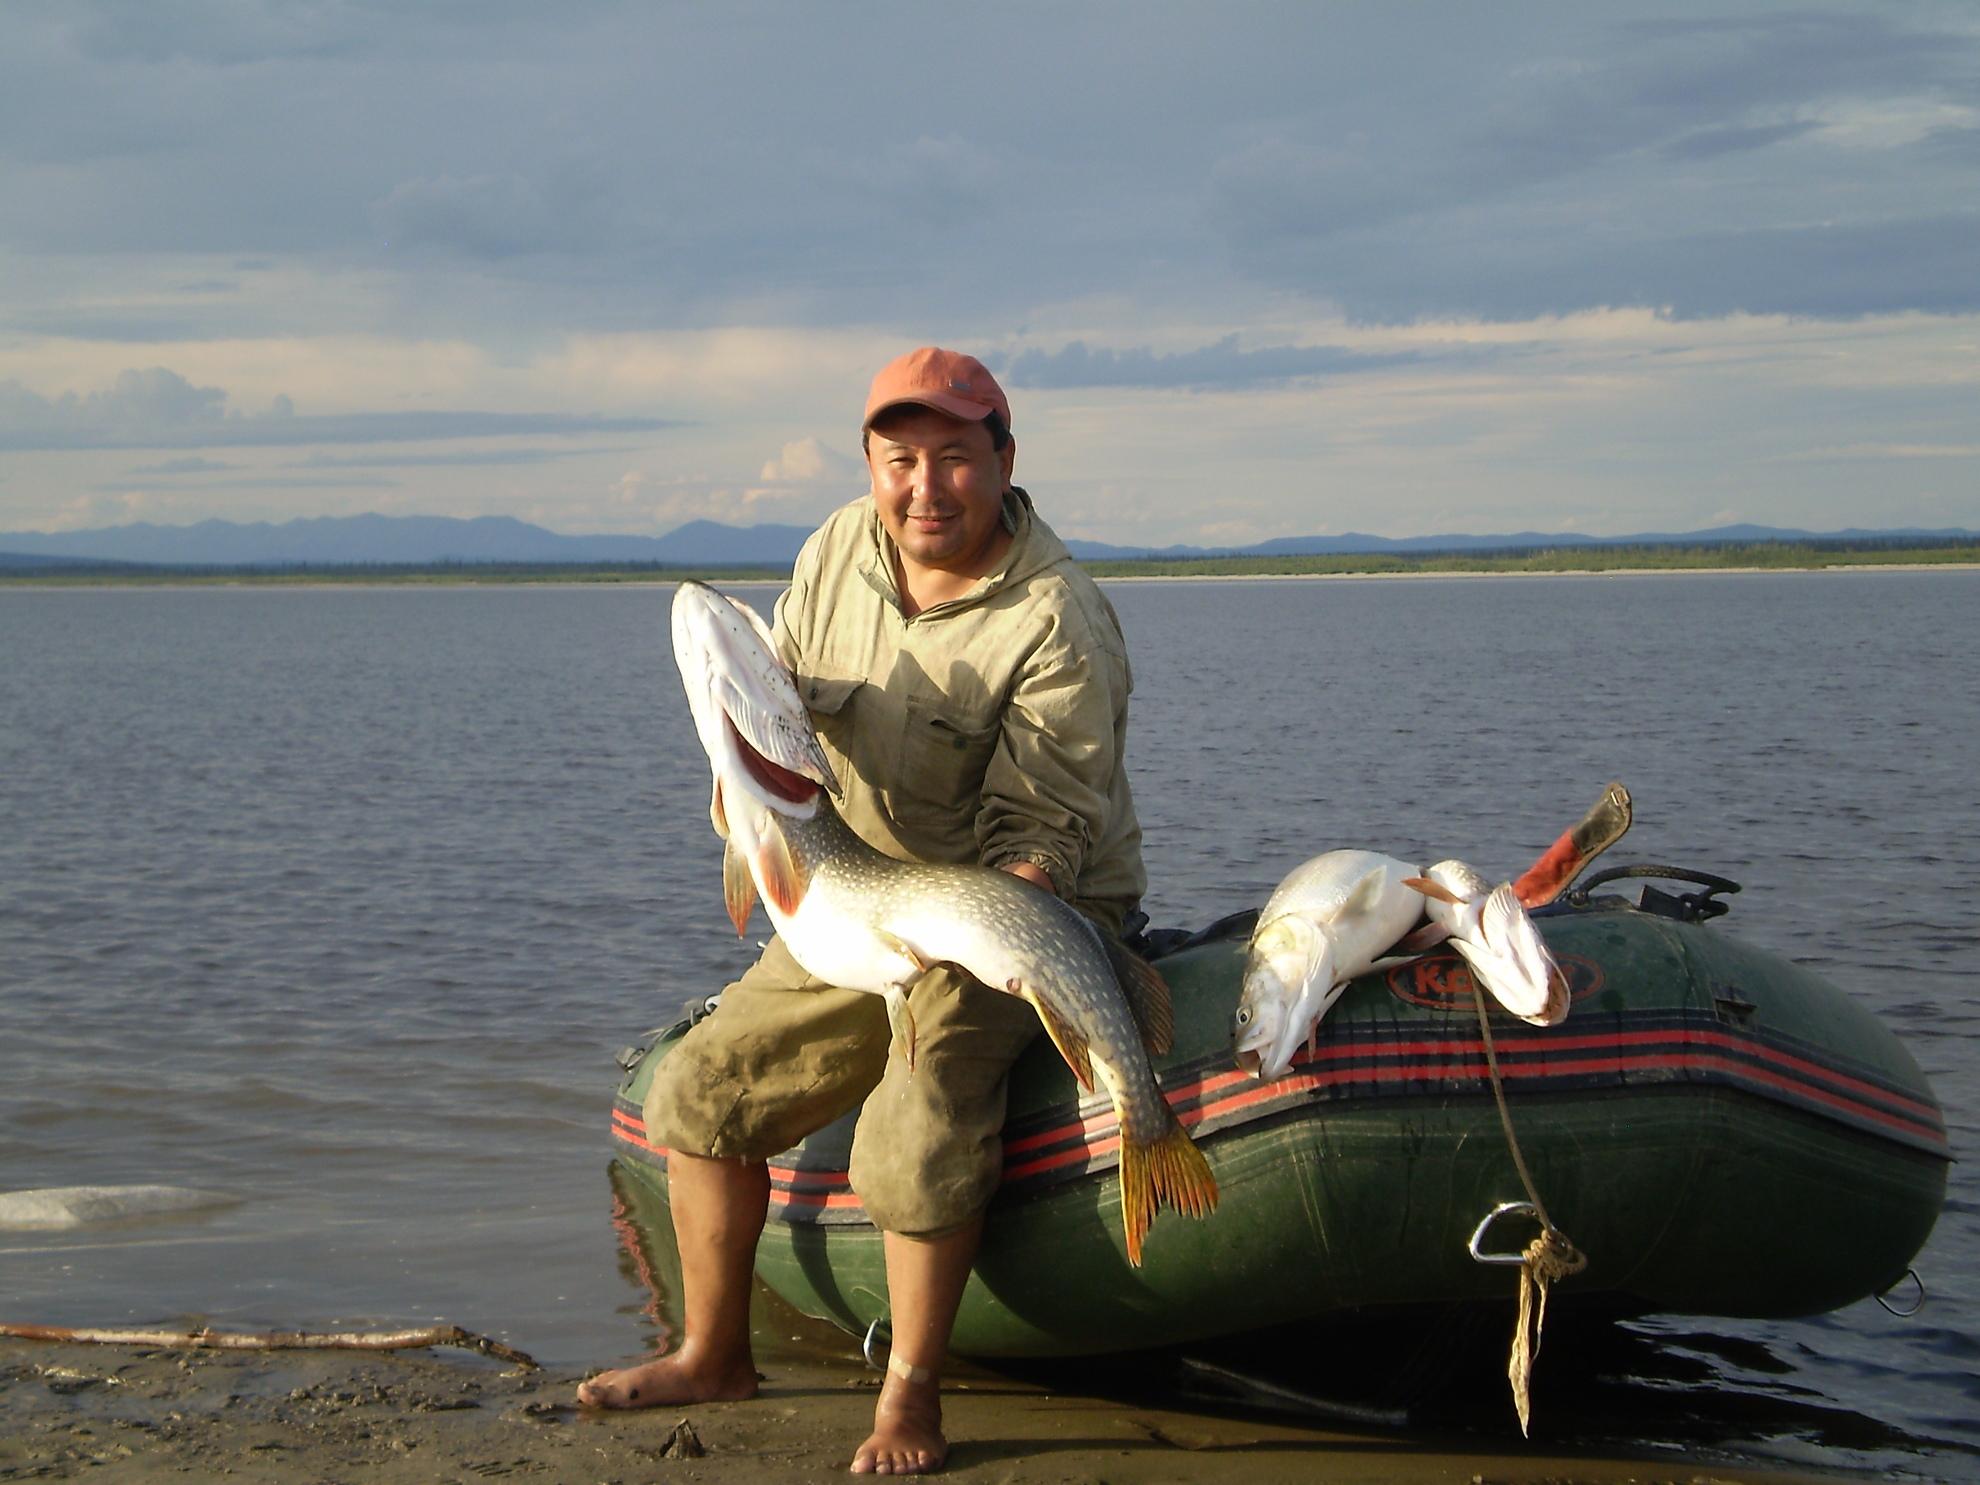 Рыбак рядом с лодкой с огромной щукой